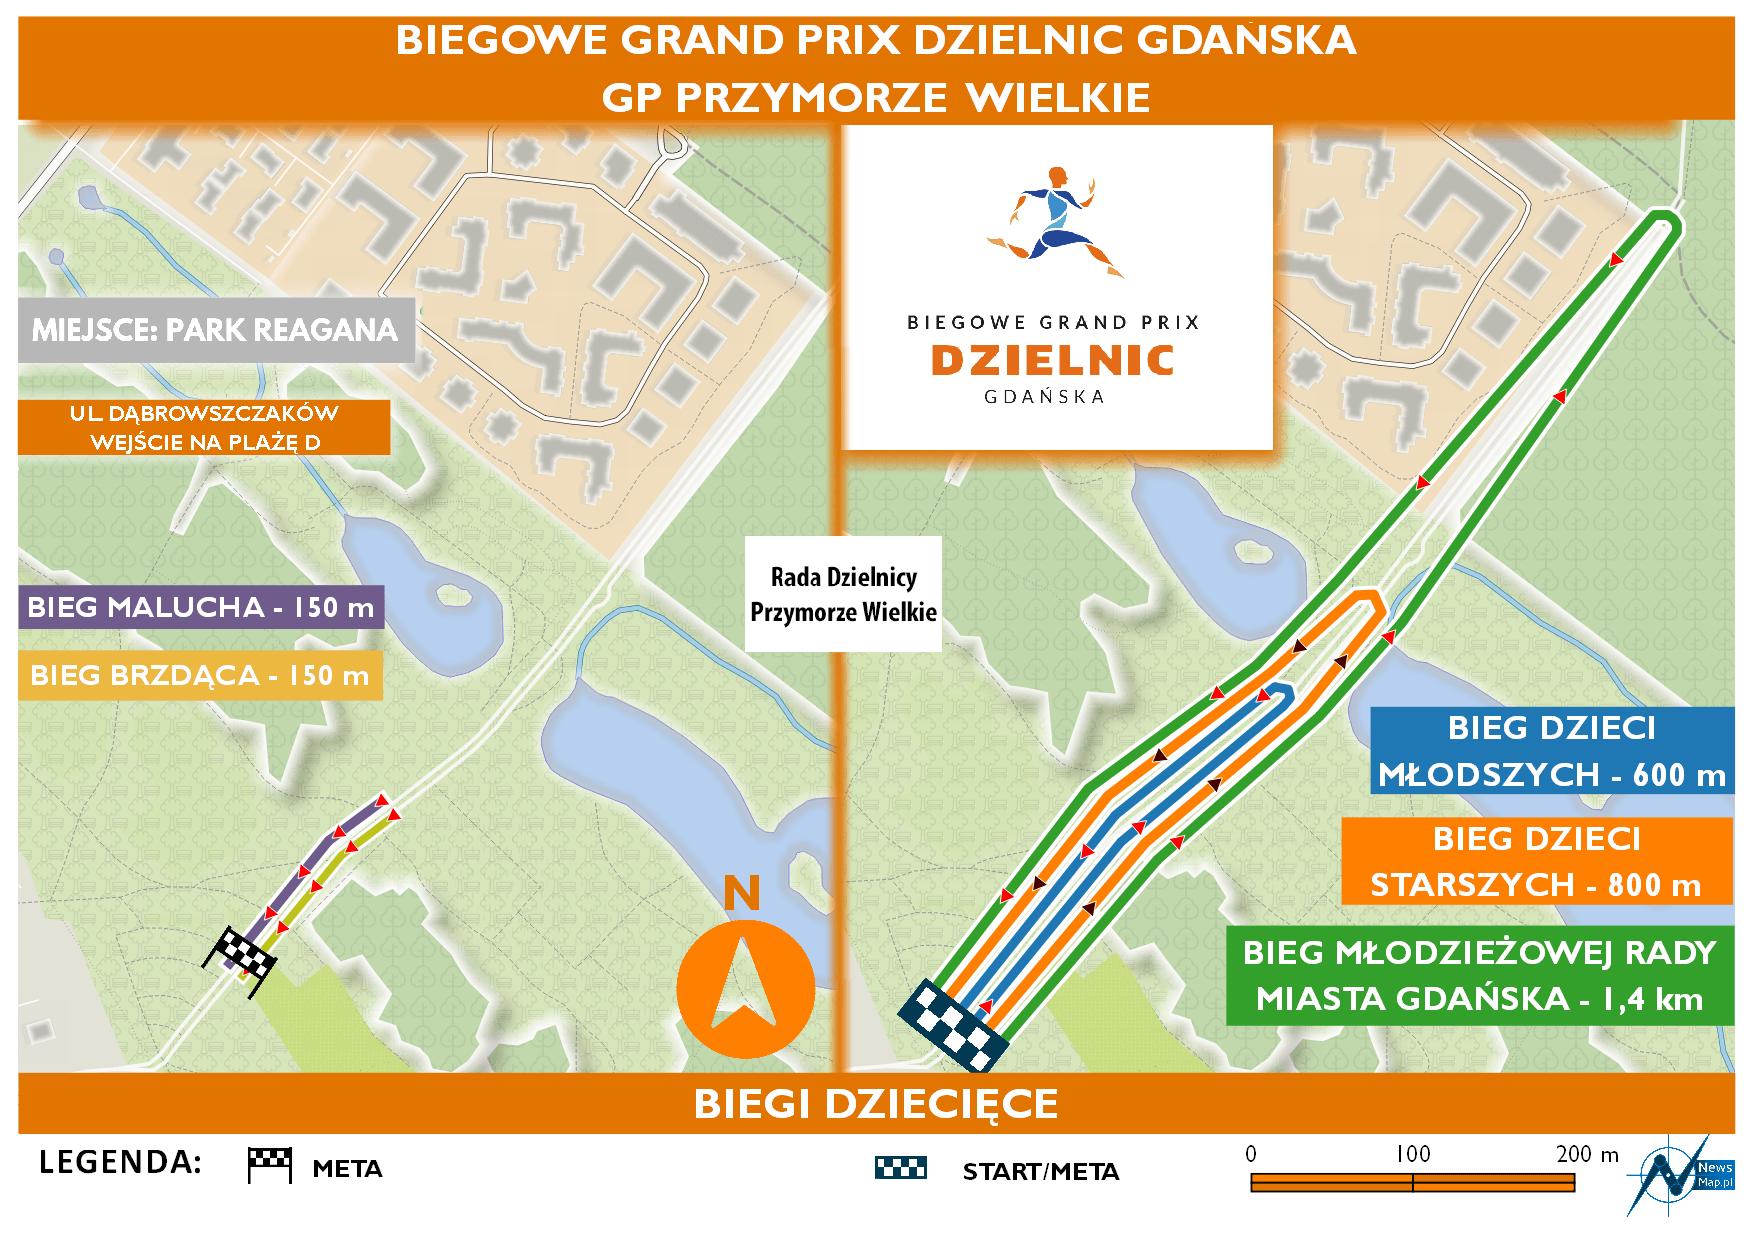 Mapa statyczna GP Przymorze Wielkie - biegi dziecięce (on-line)